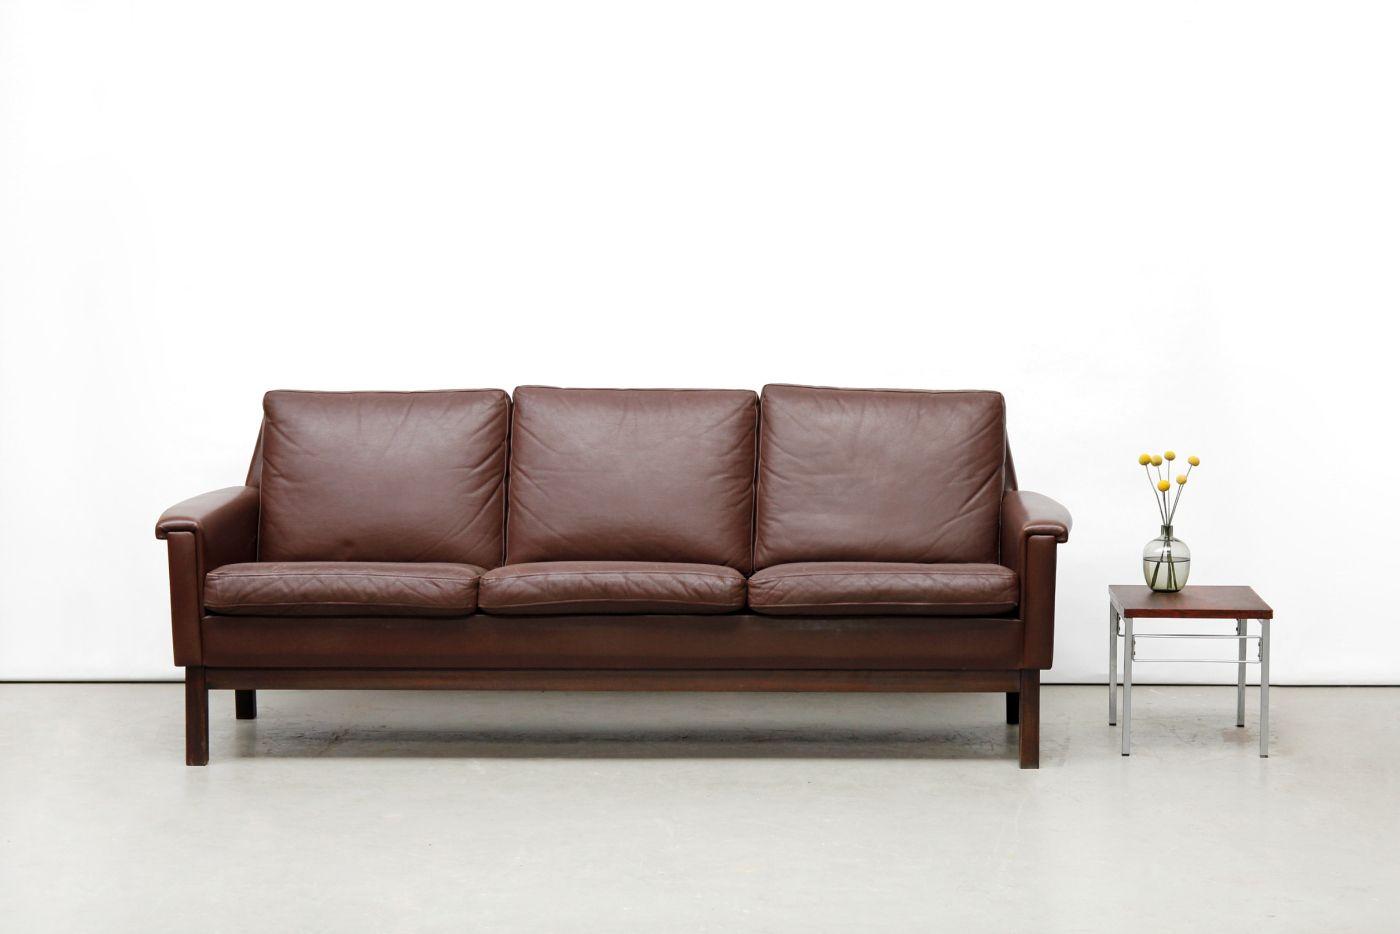 Vintage deens design bruine leren bank danish design brown leather